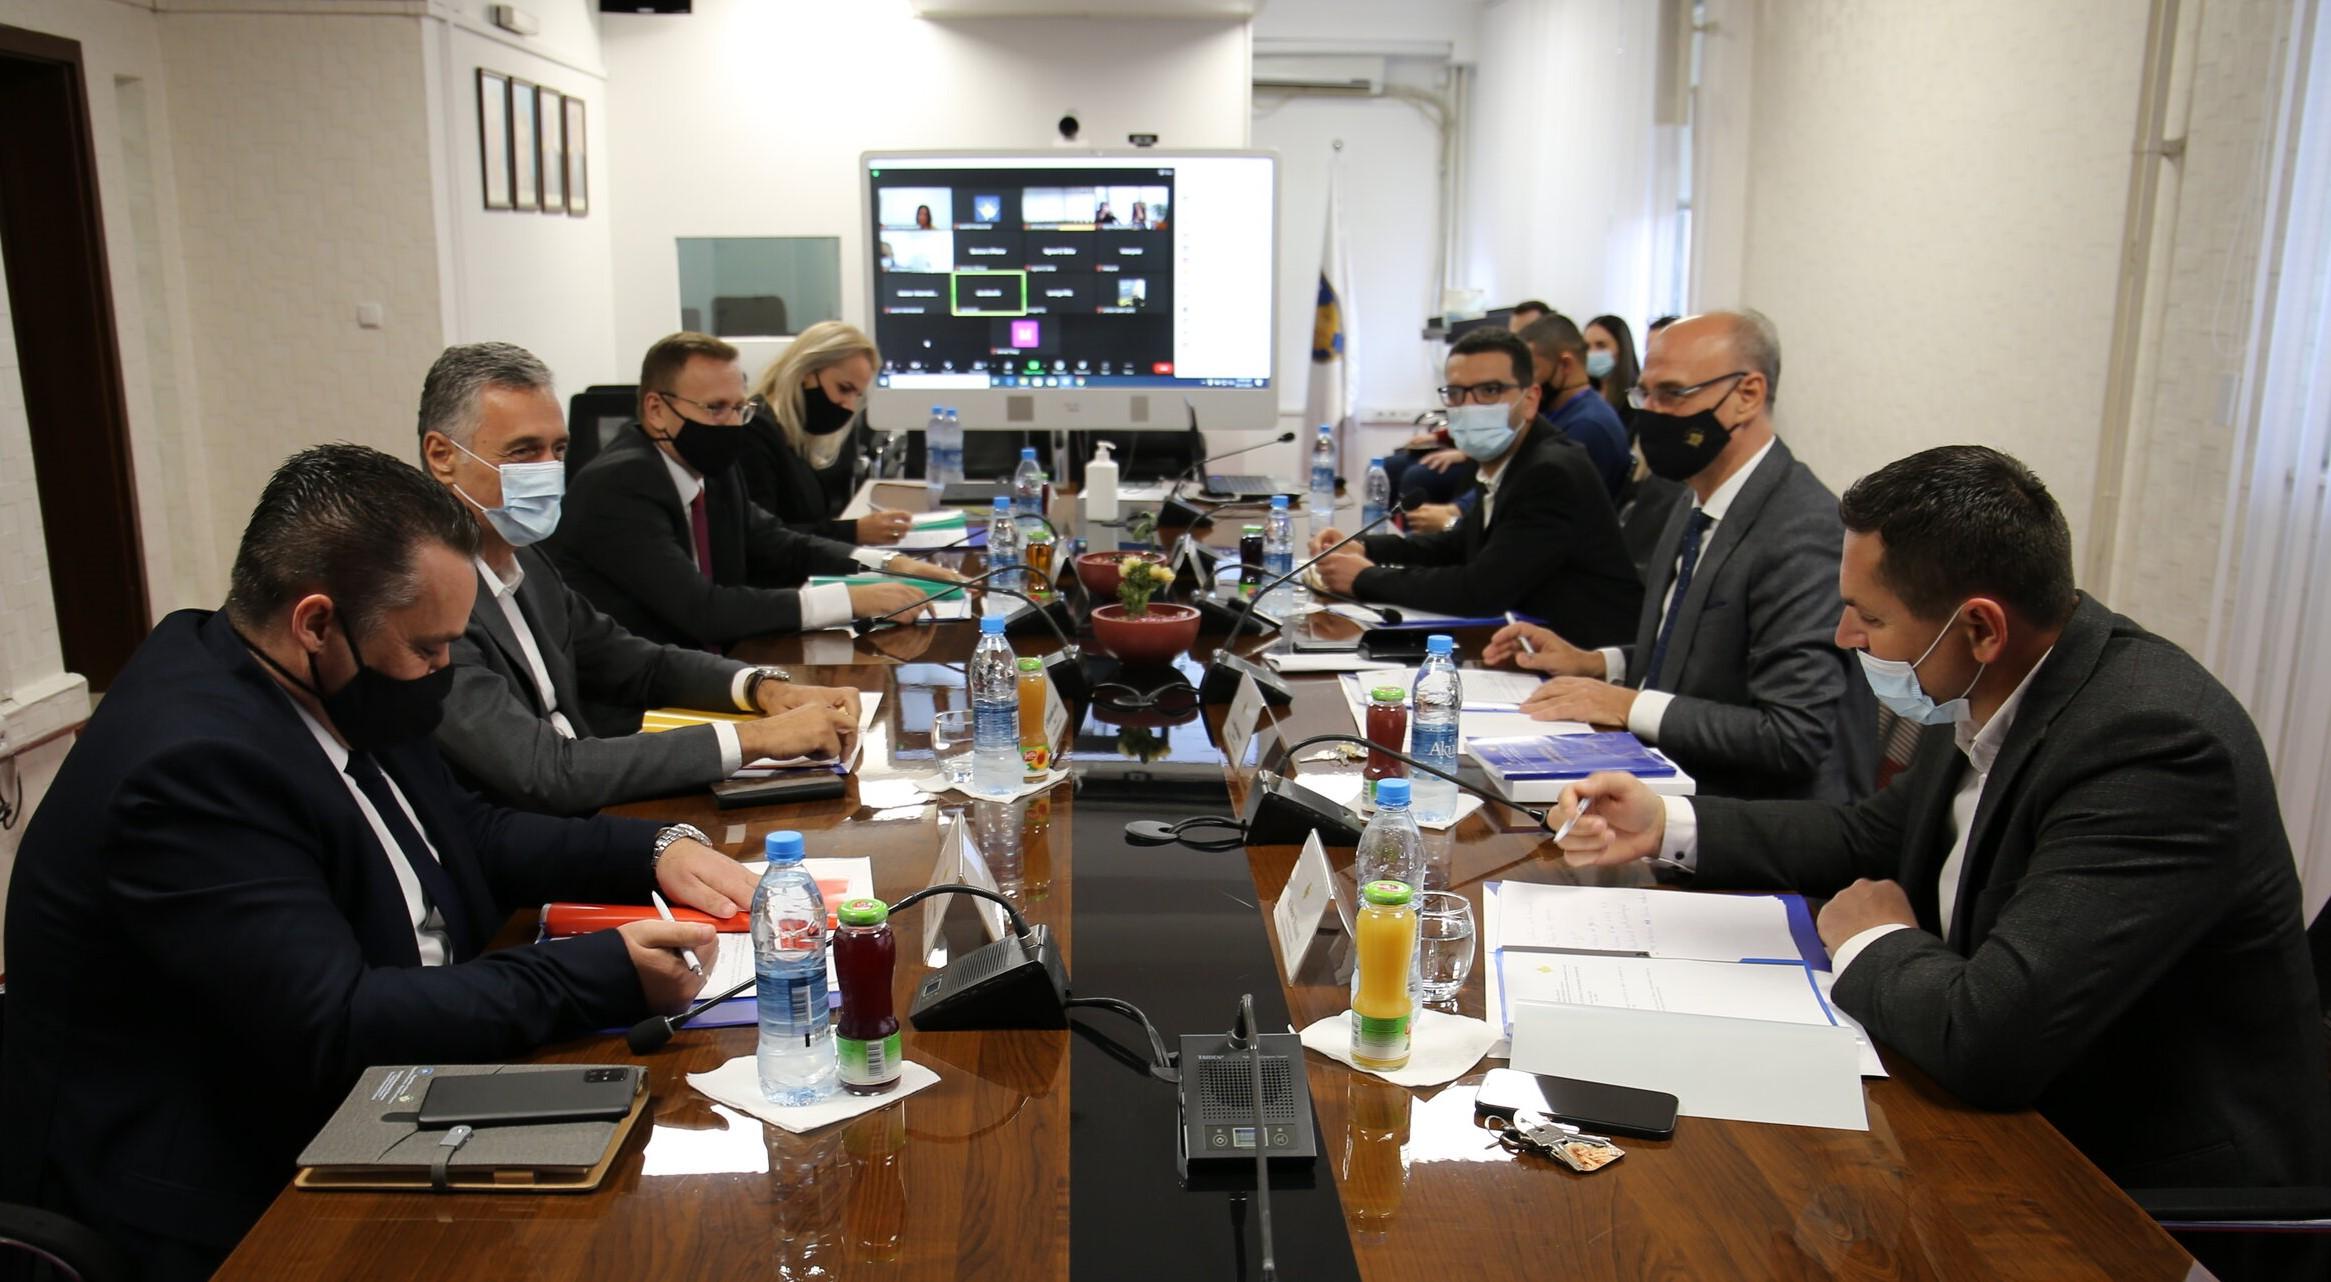 Këshilli Prokurorial i Kosovës ka mbajtur takimin e 204-të me radhë